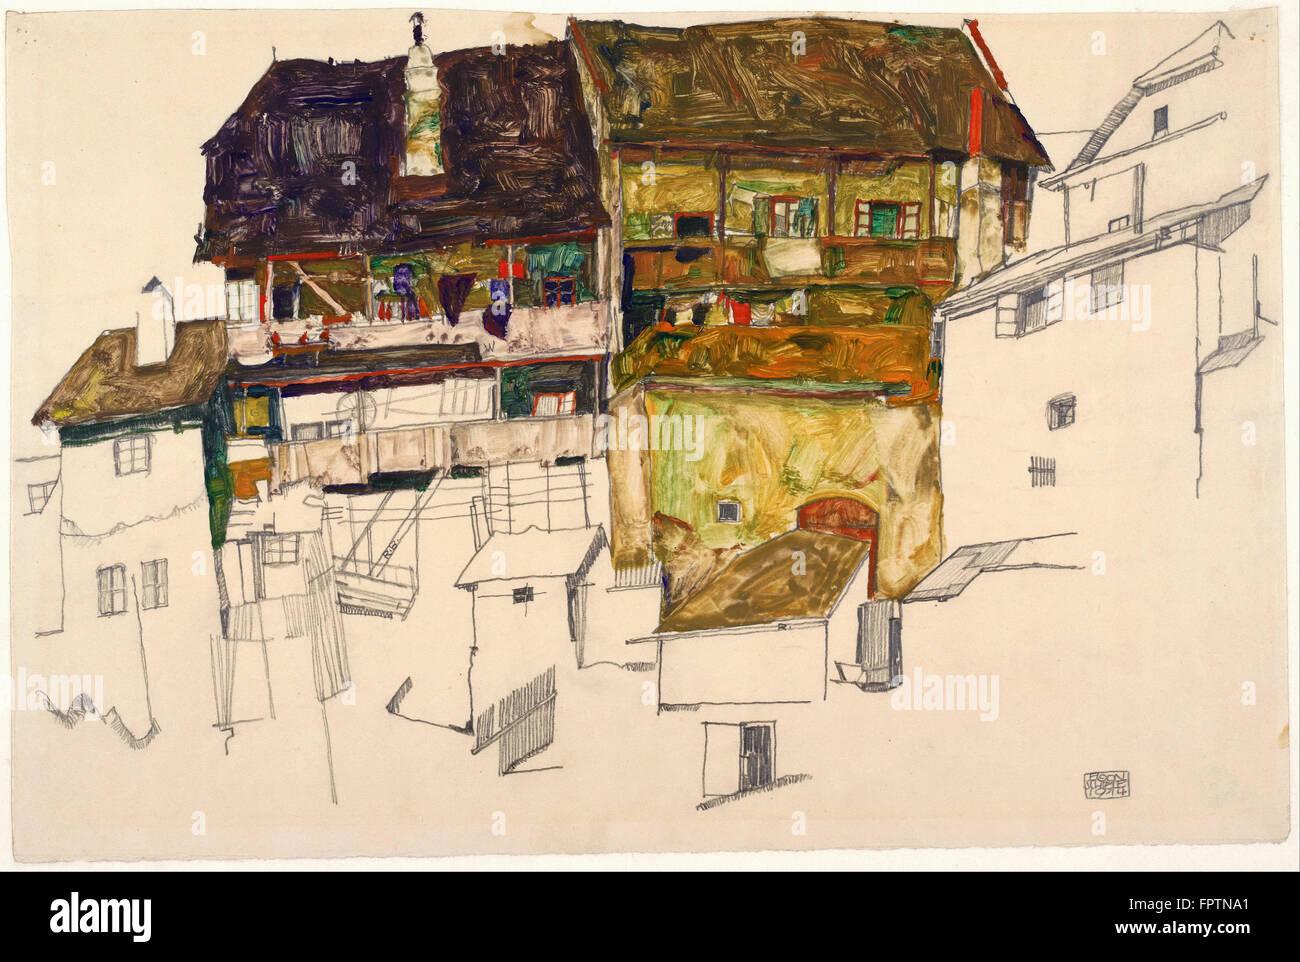 Egon Schiele - Old Houses in Krumau -  1914 - Stock Image